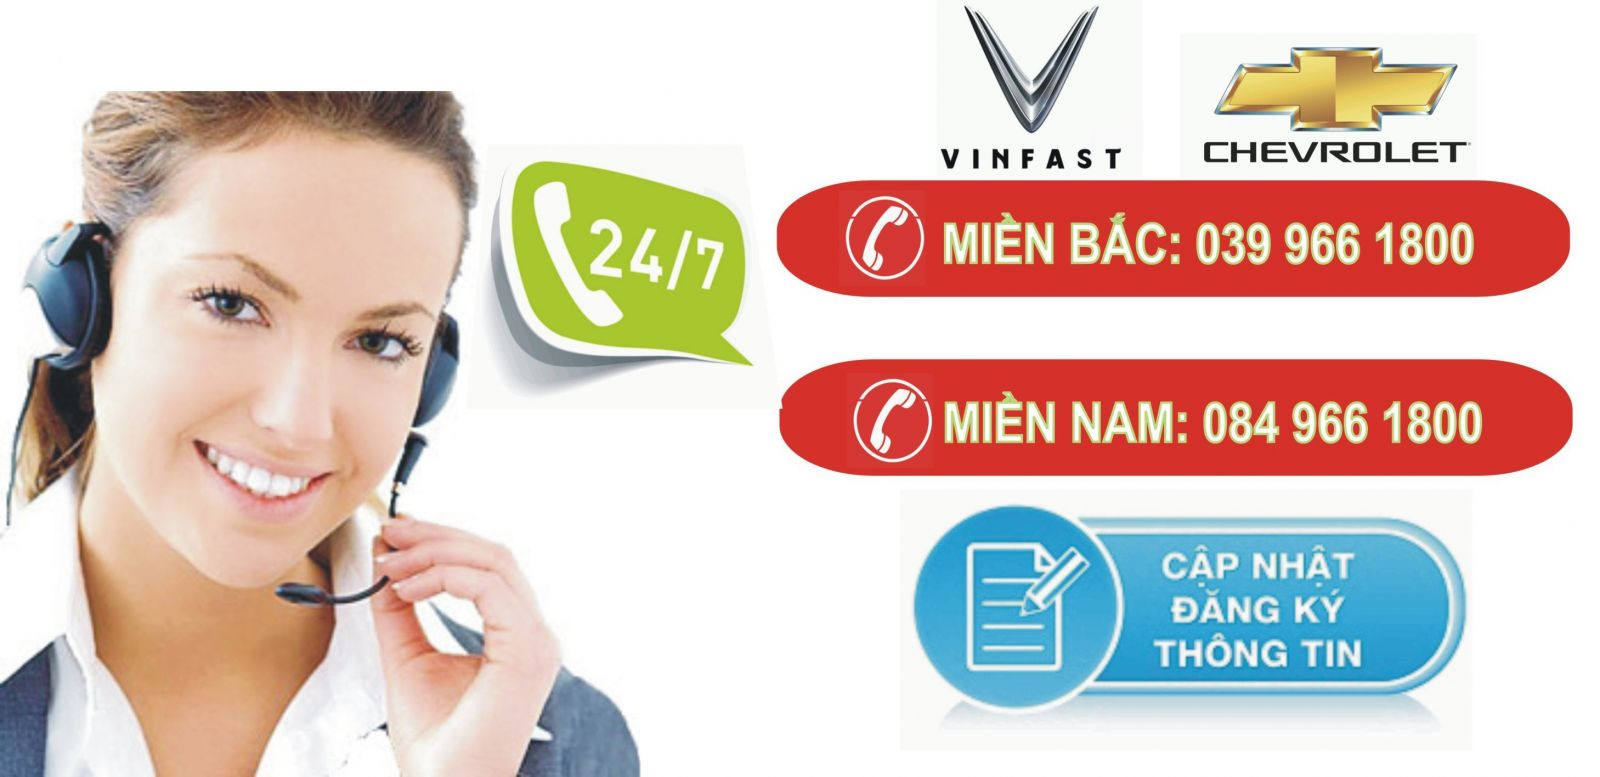 Hotline vinfats